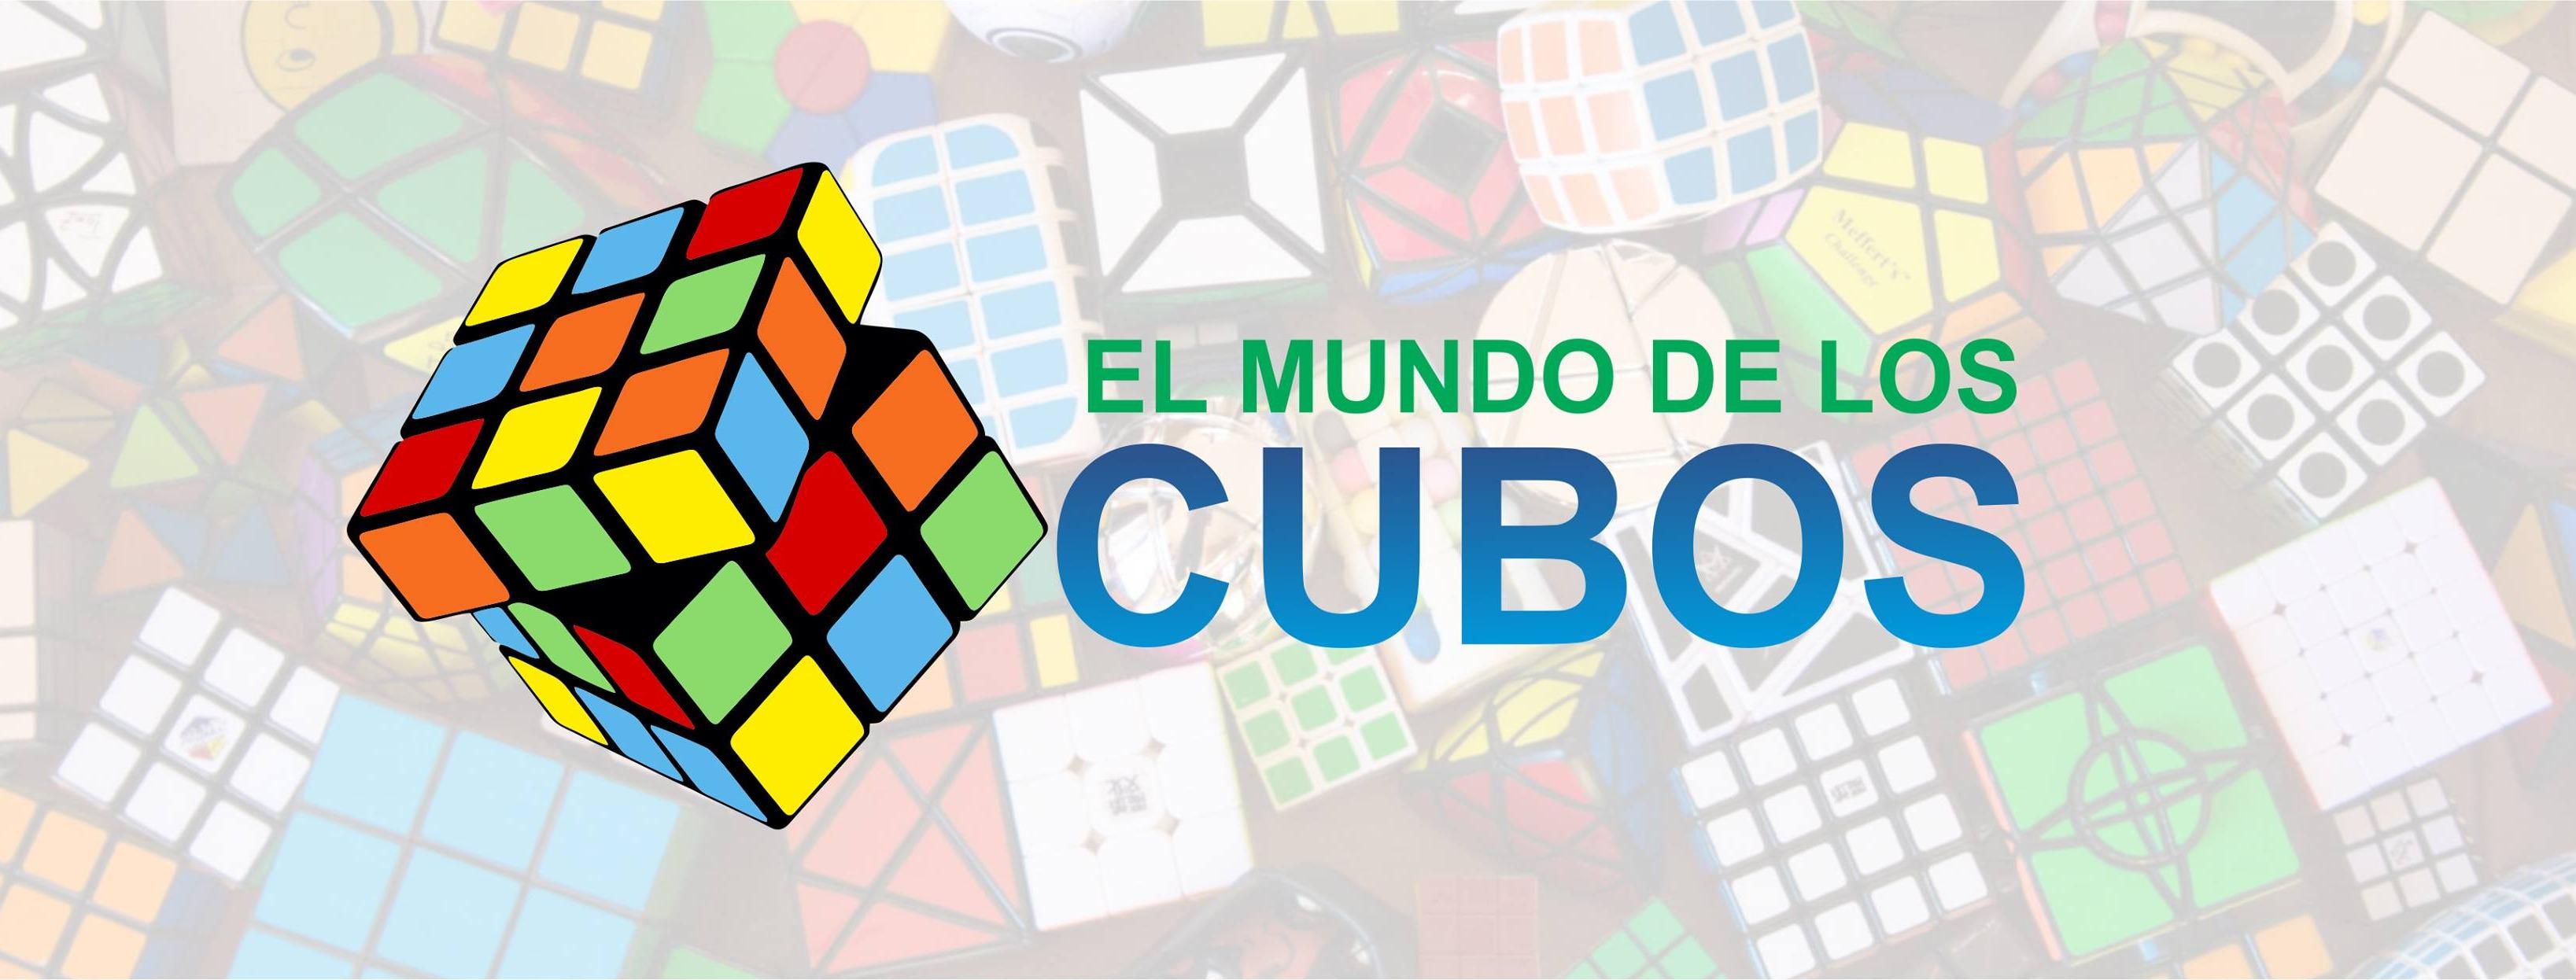 Portada El Mundo De Los Cubos Cusco